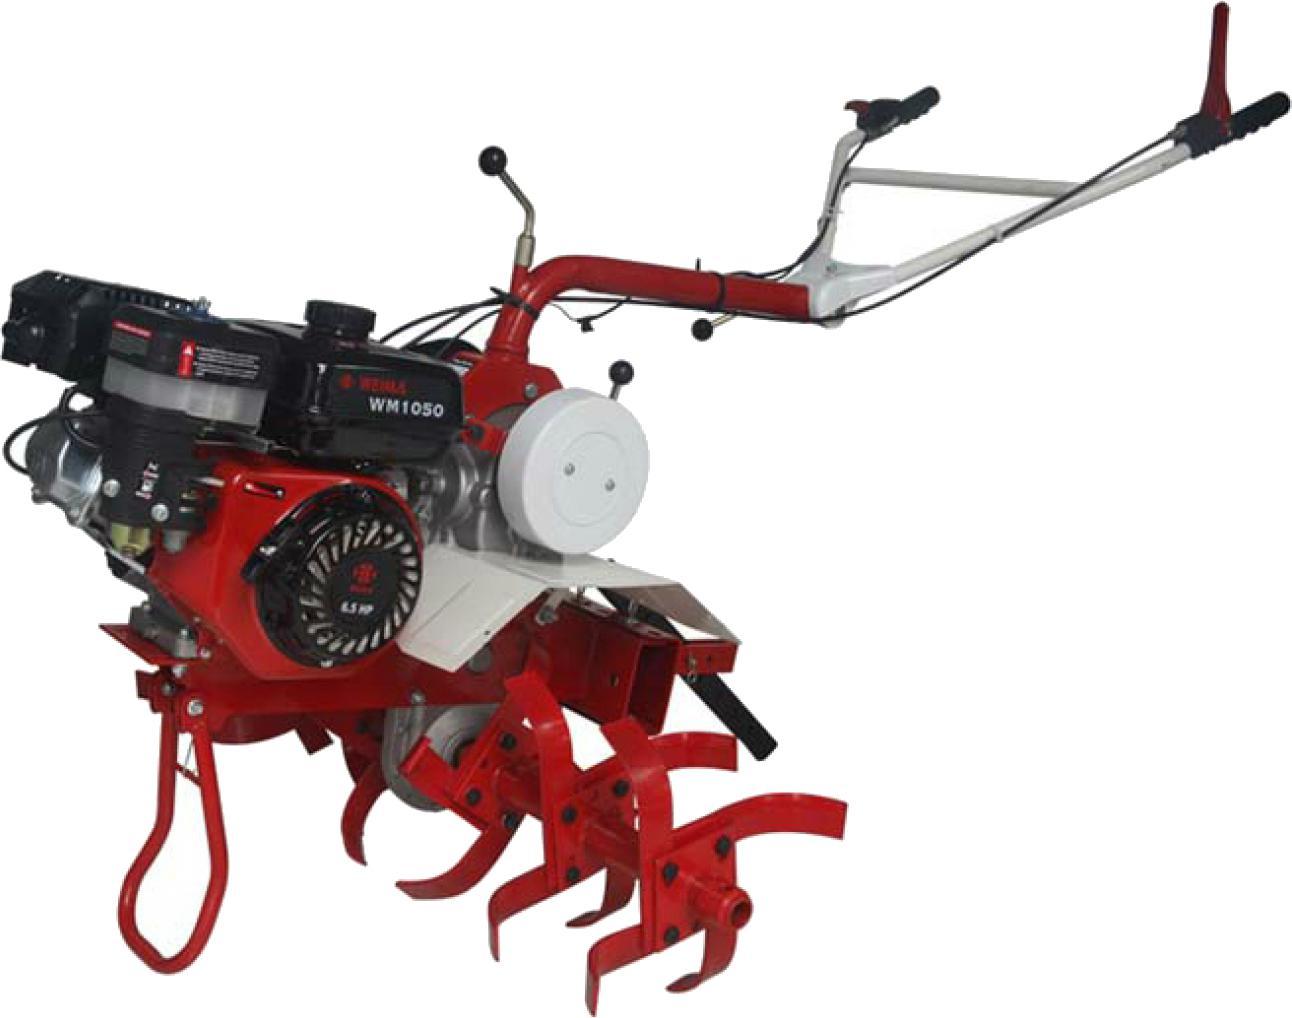 Мотокультиватор Weima Wm1050 (wm168fb) цена